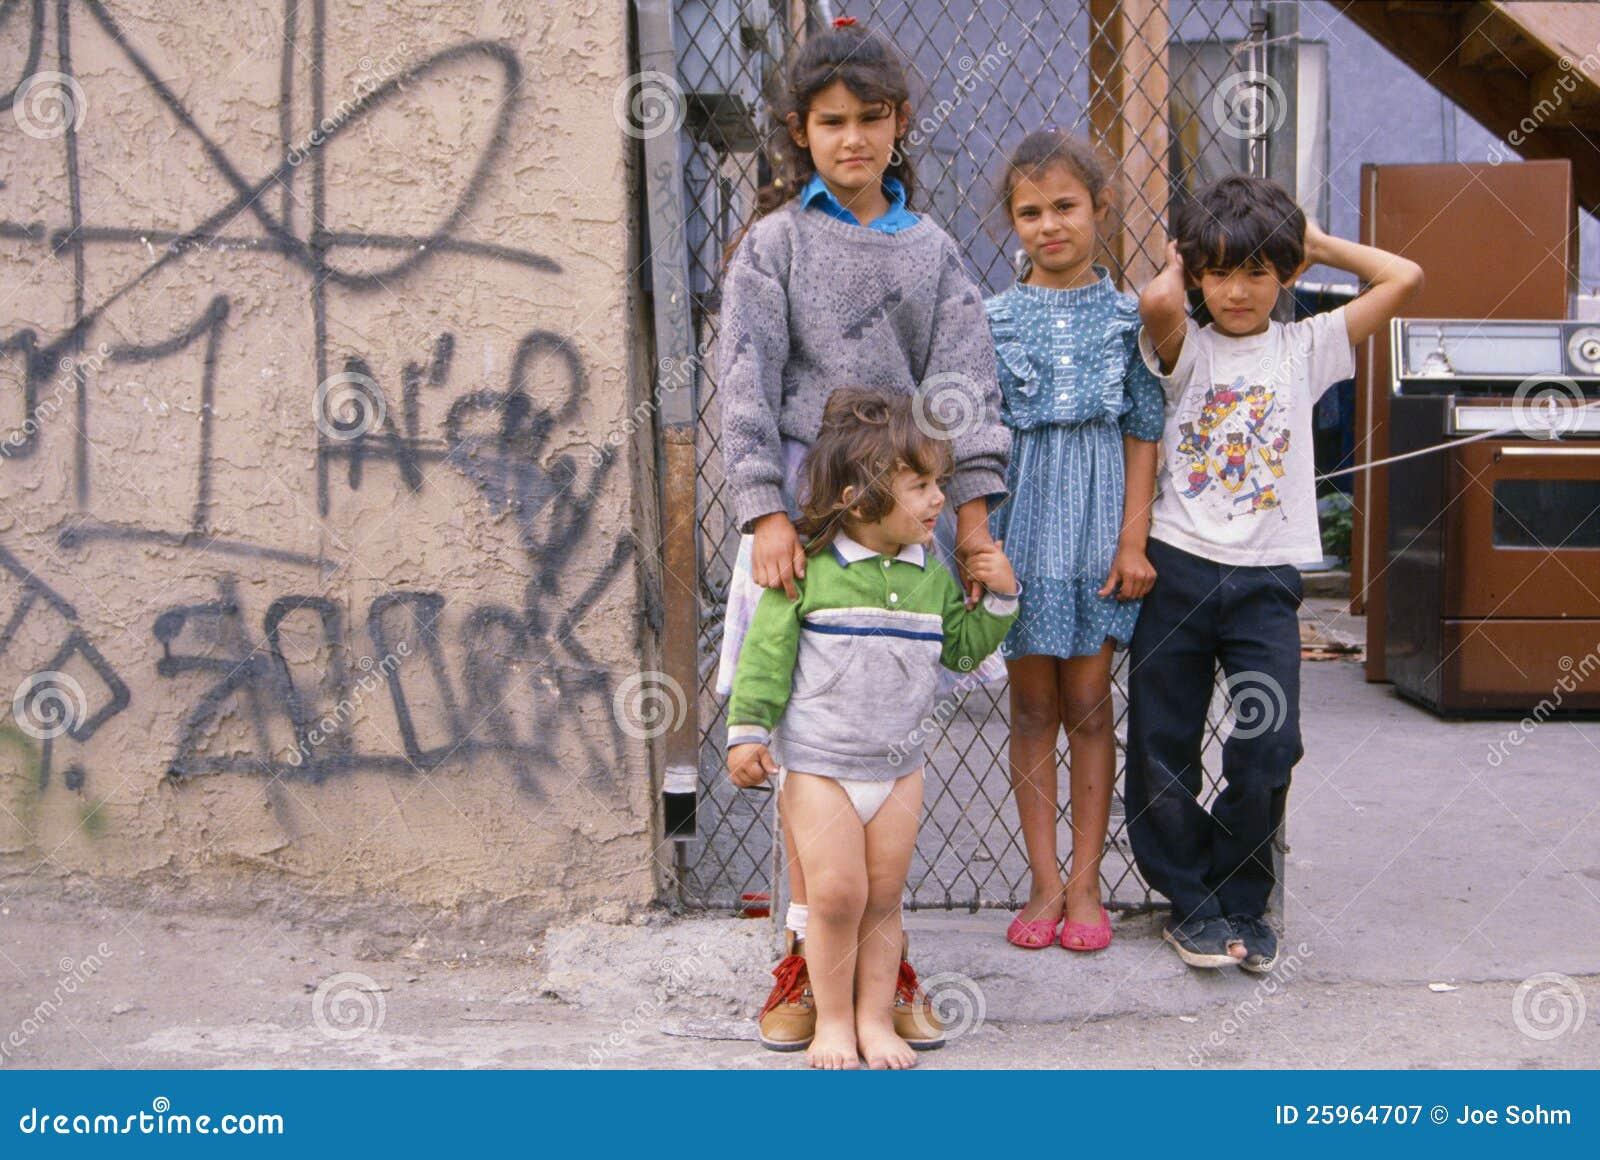 Barn i armod